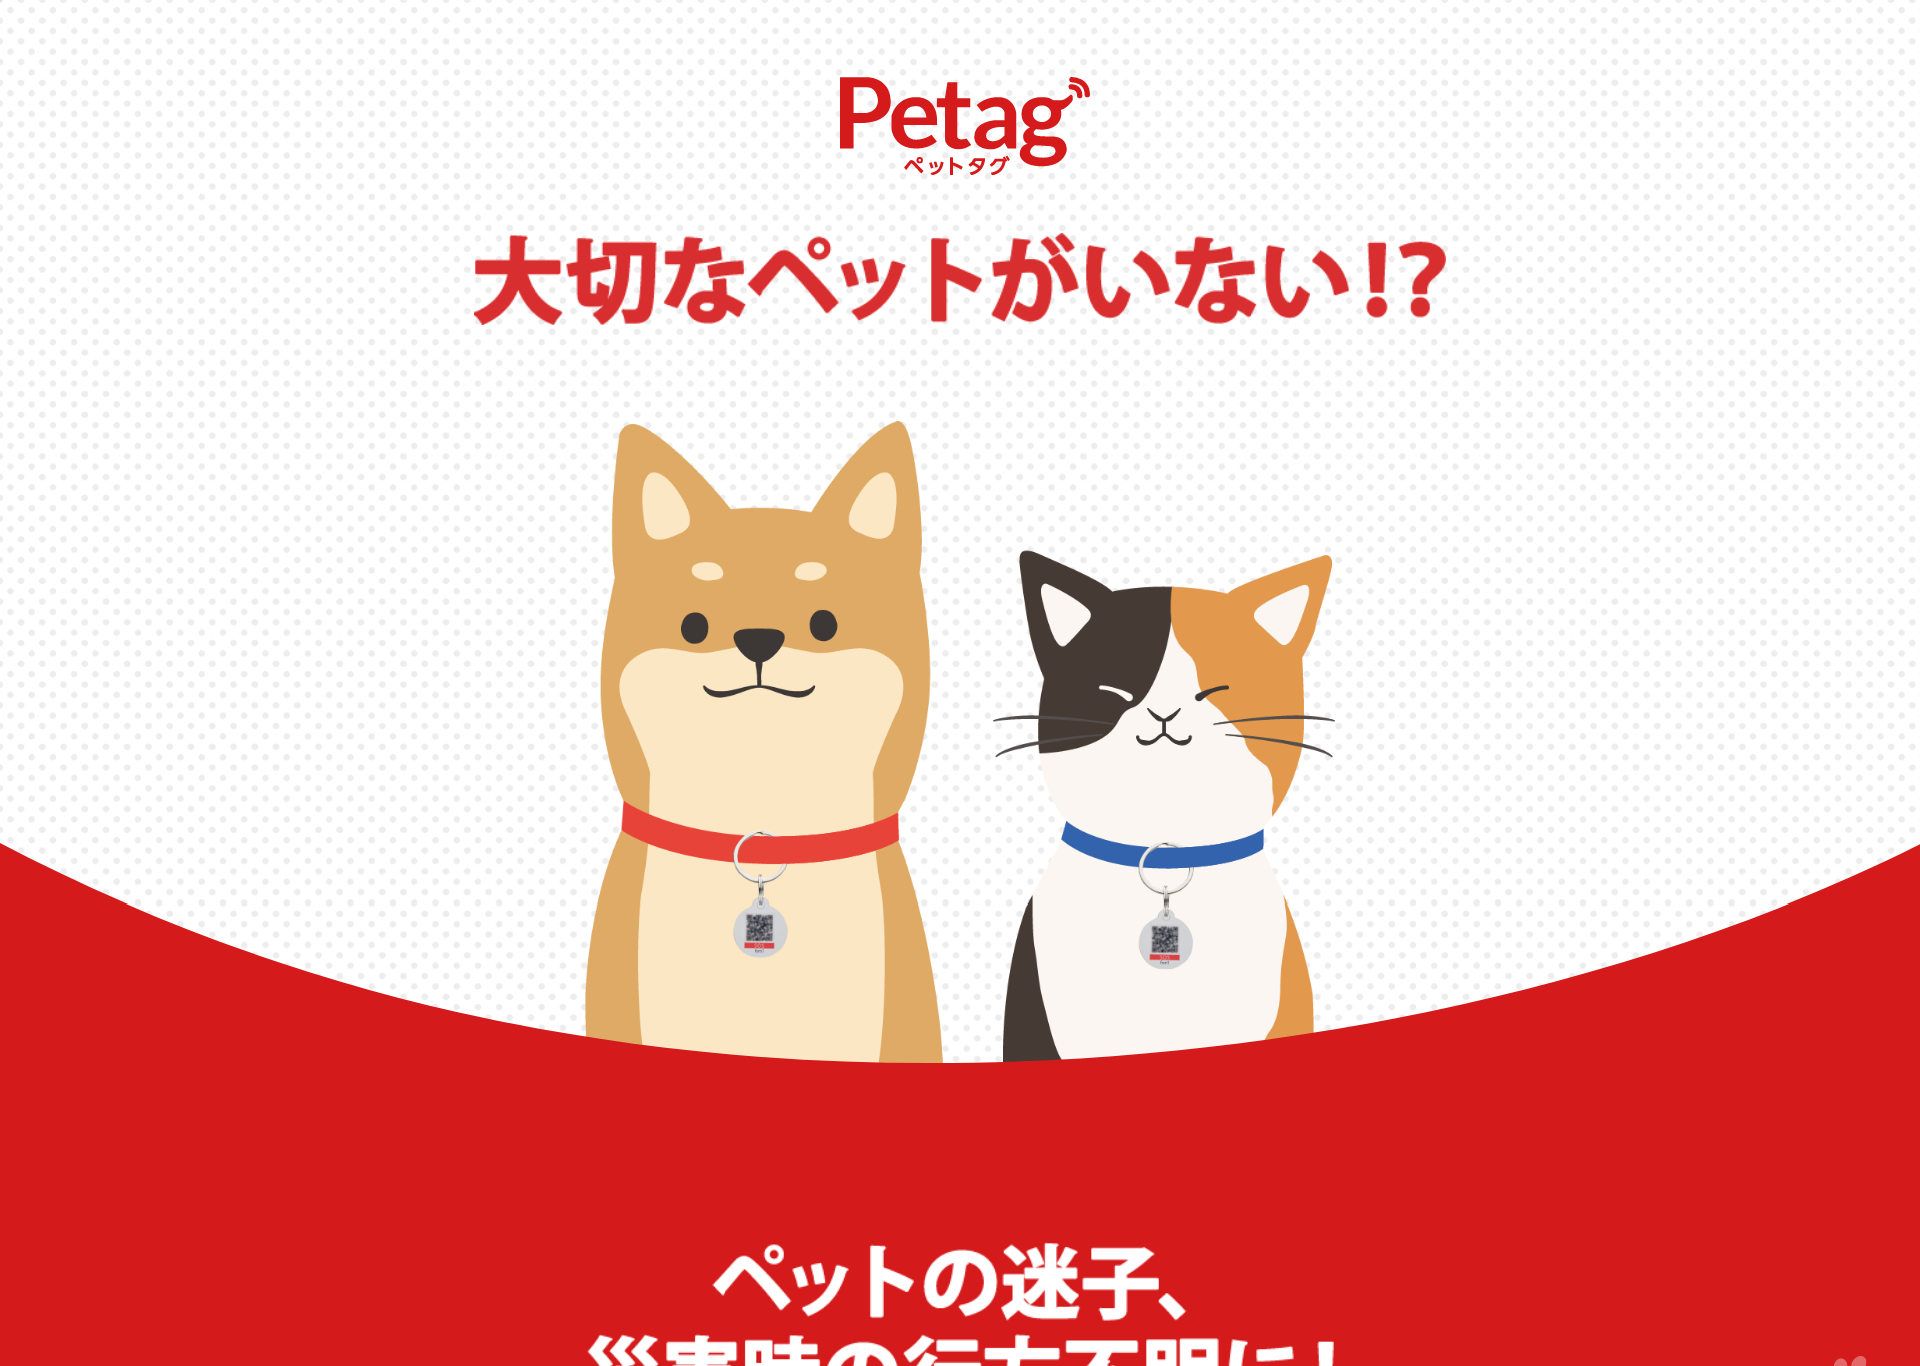 株式会社フシミ様 ペットタグサイト